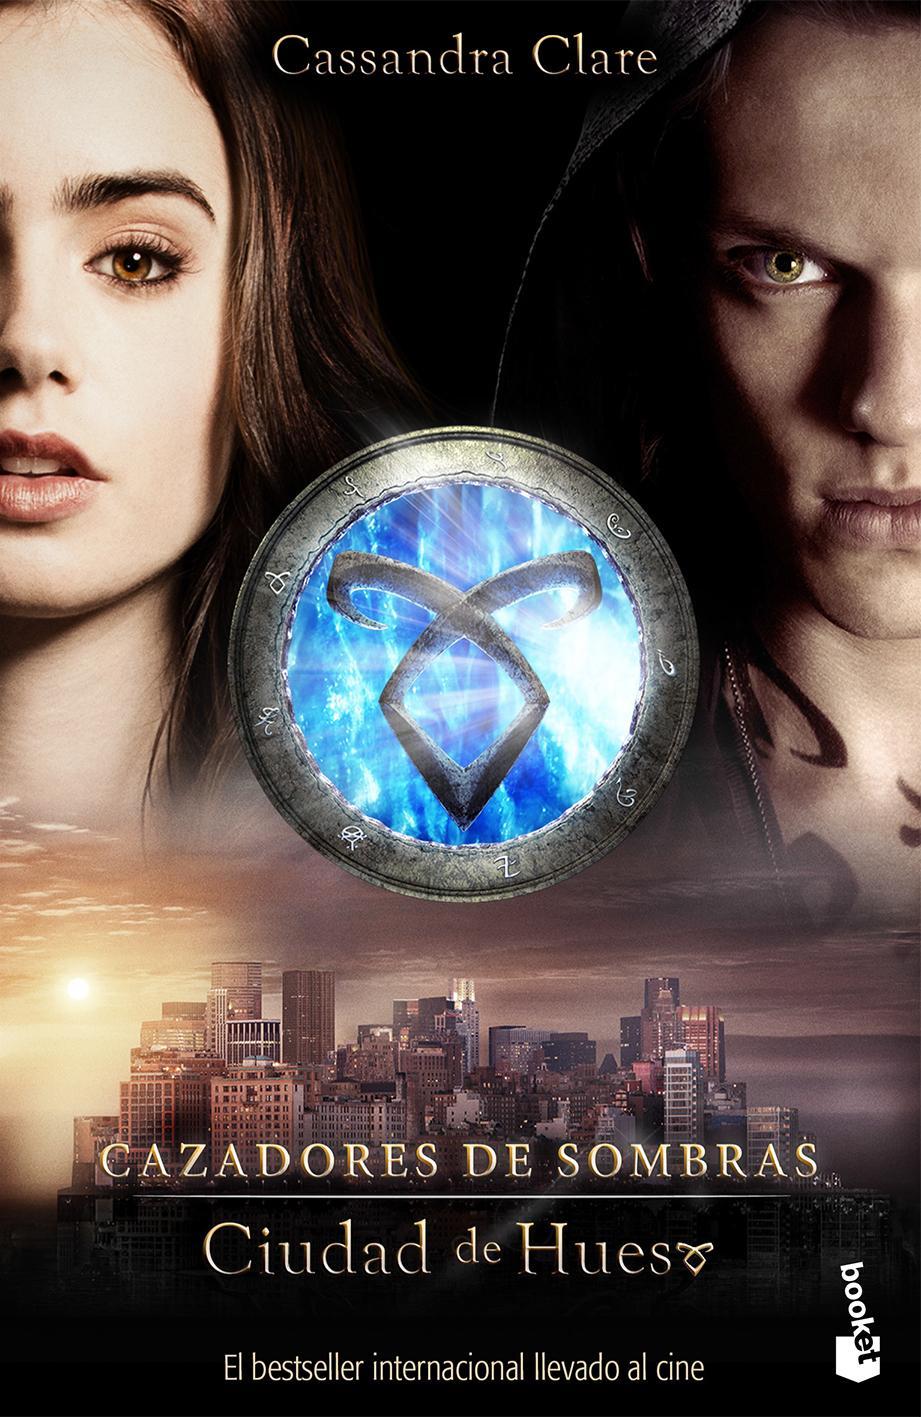 Portada Oficial  edicion bolsillo del libro Cazadores de Sombras: Ciudad de Hueso